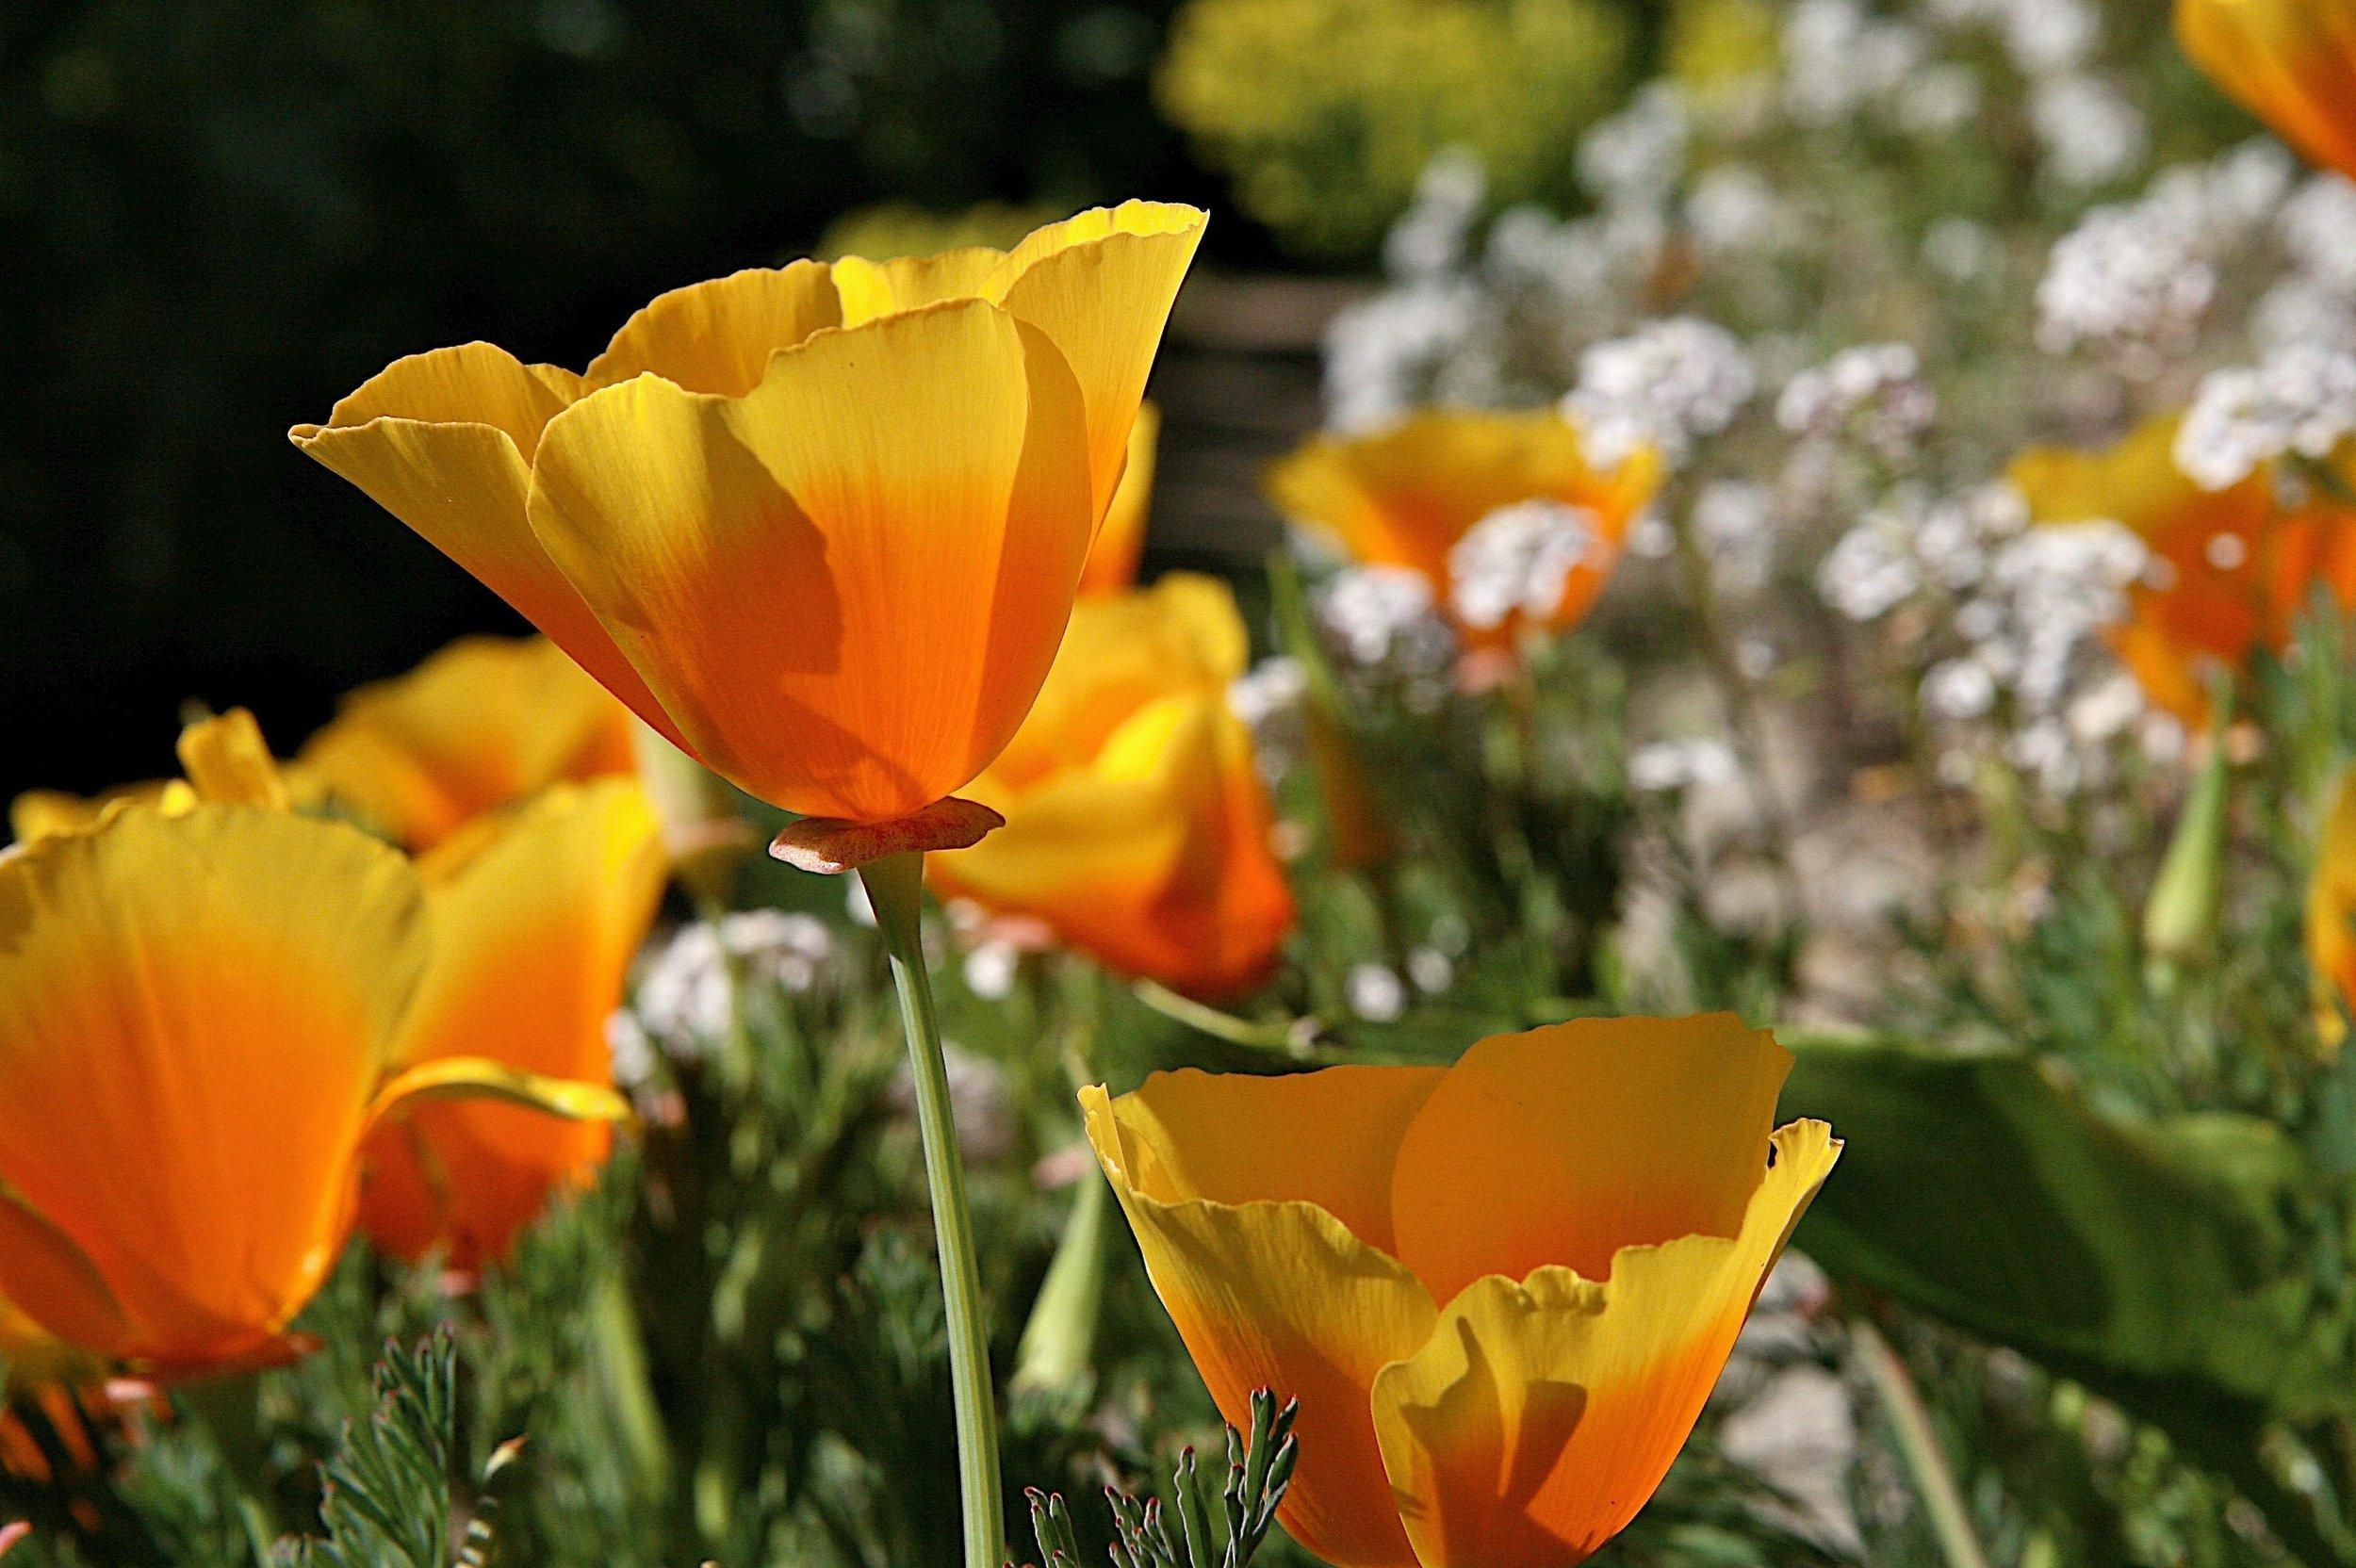 California poppy and yarrow.